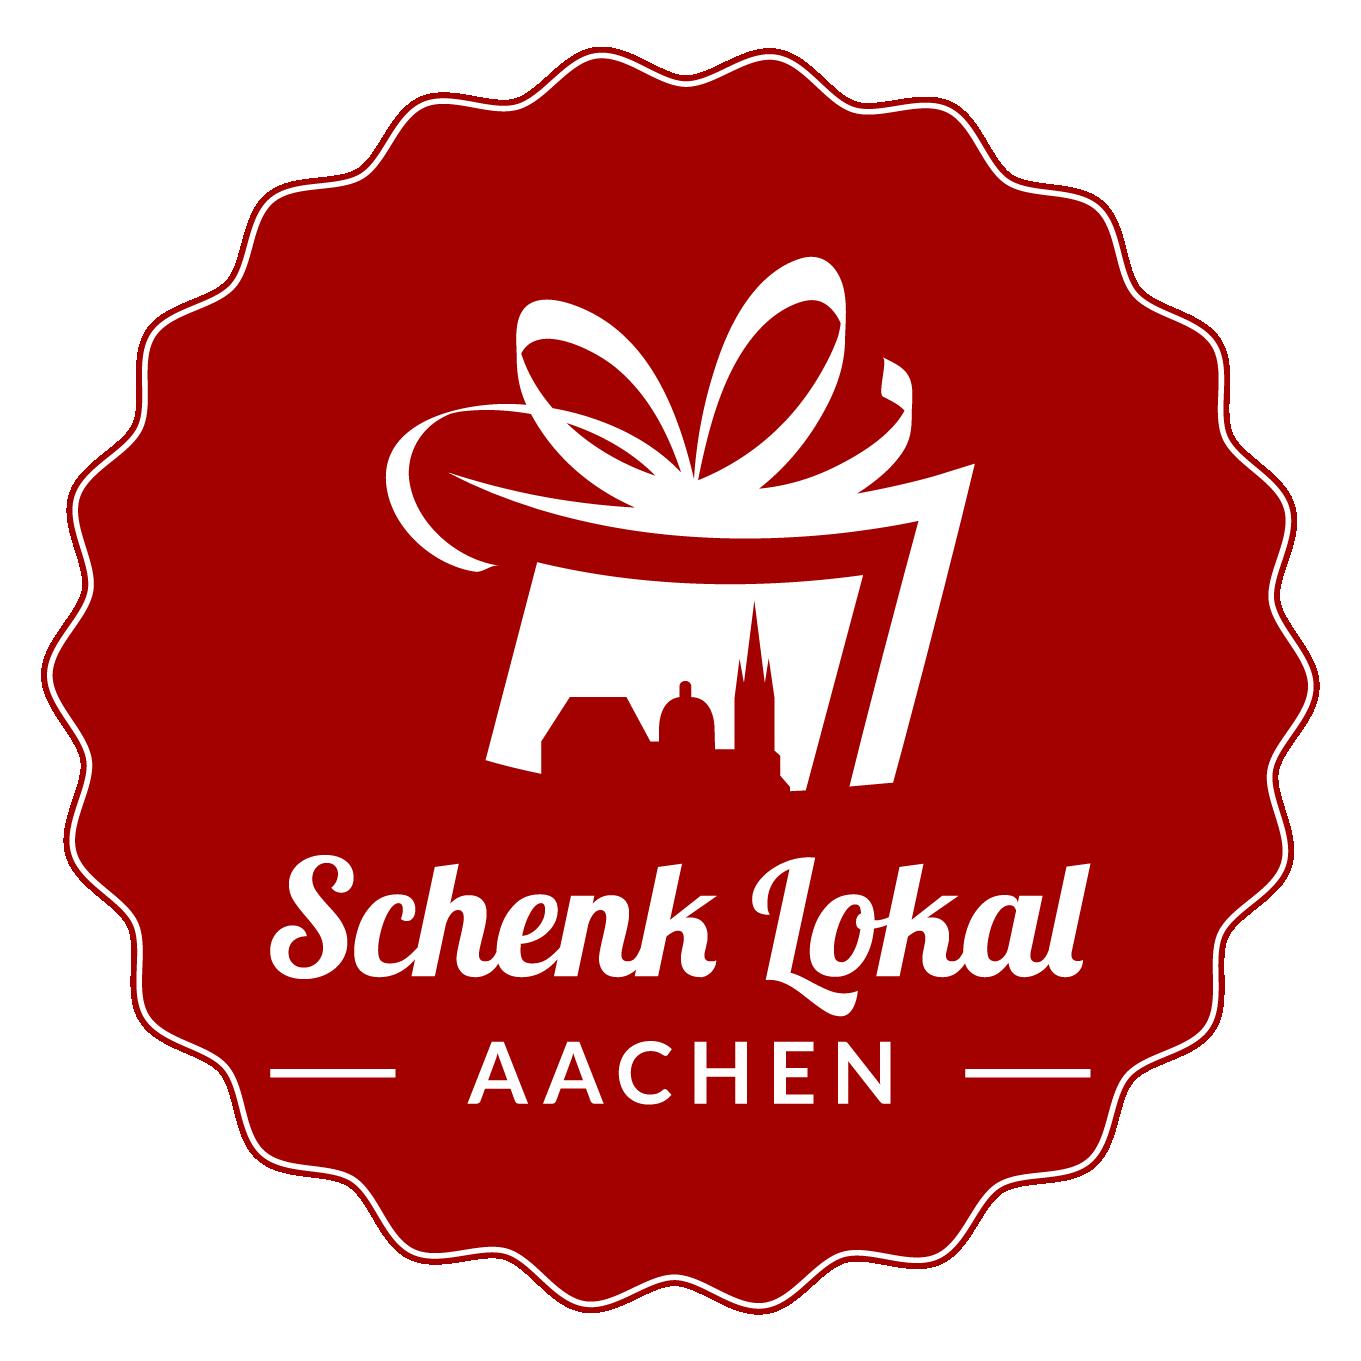 Schenk Lokal Aachen Partner